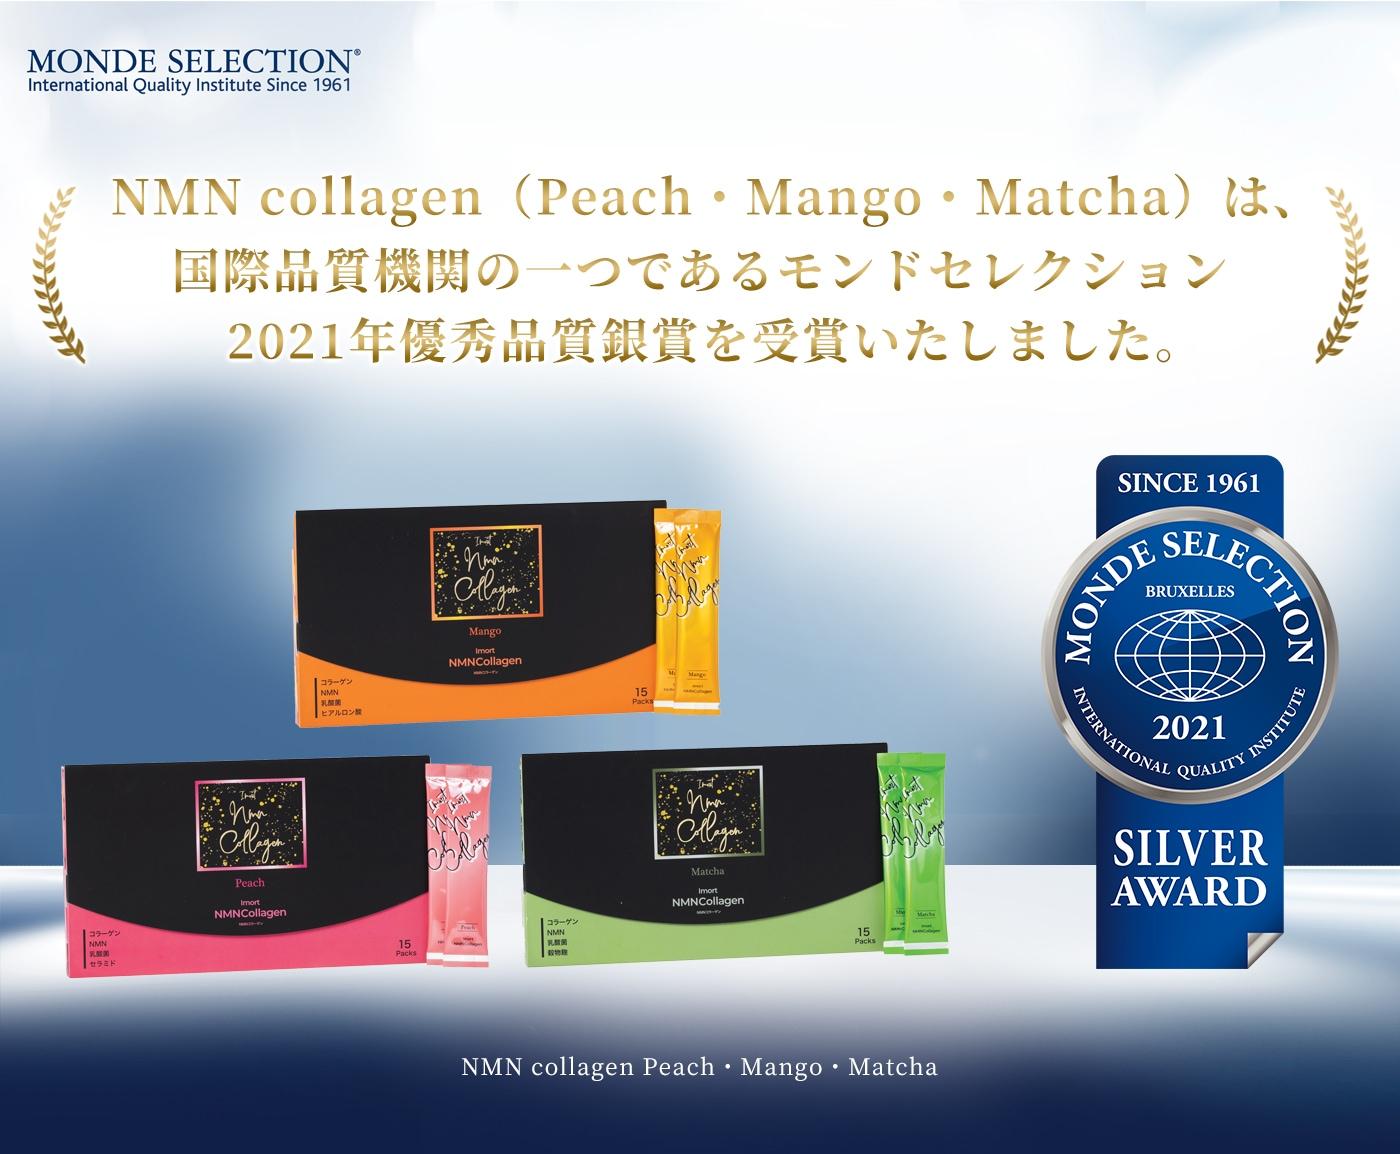 NMN collagen(Peach・Mango・Matcha)は、国際品質機関の一つであるモンドセレクション2021年優秀品質銀賞を受賞いたしました。